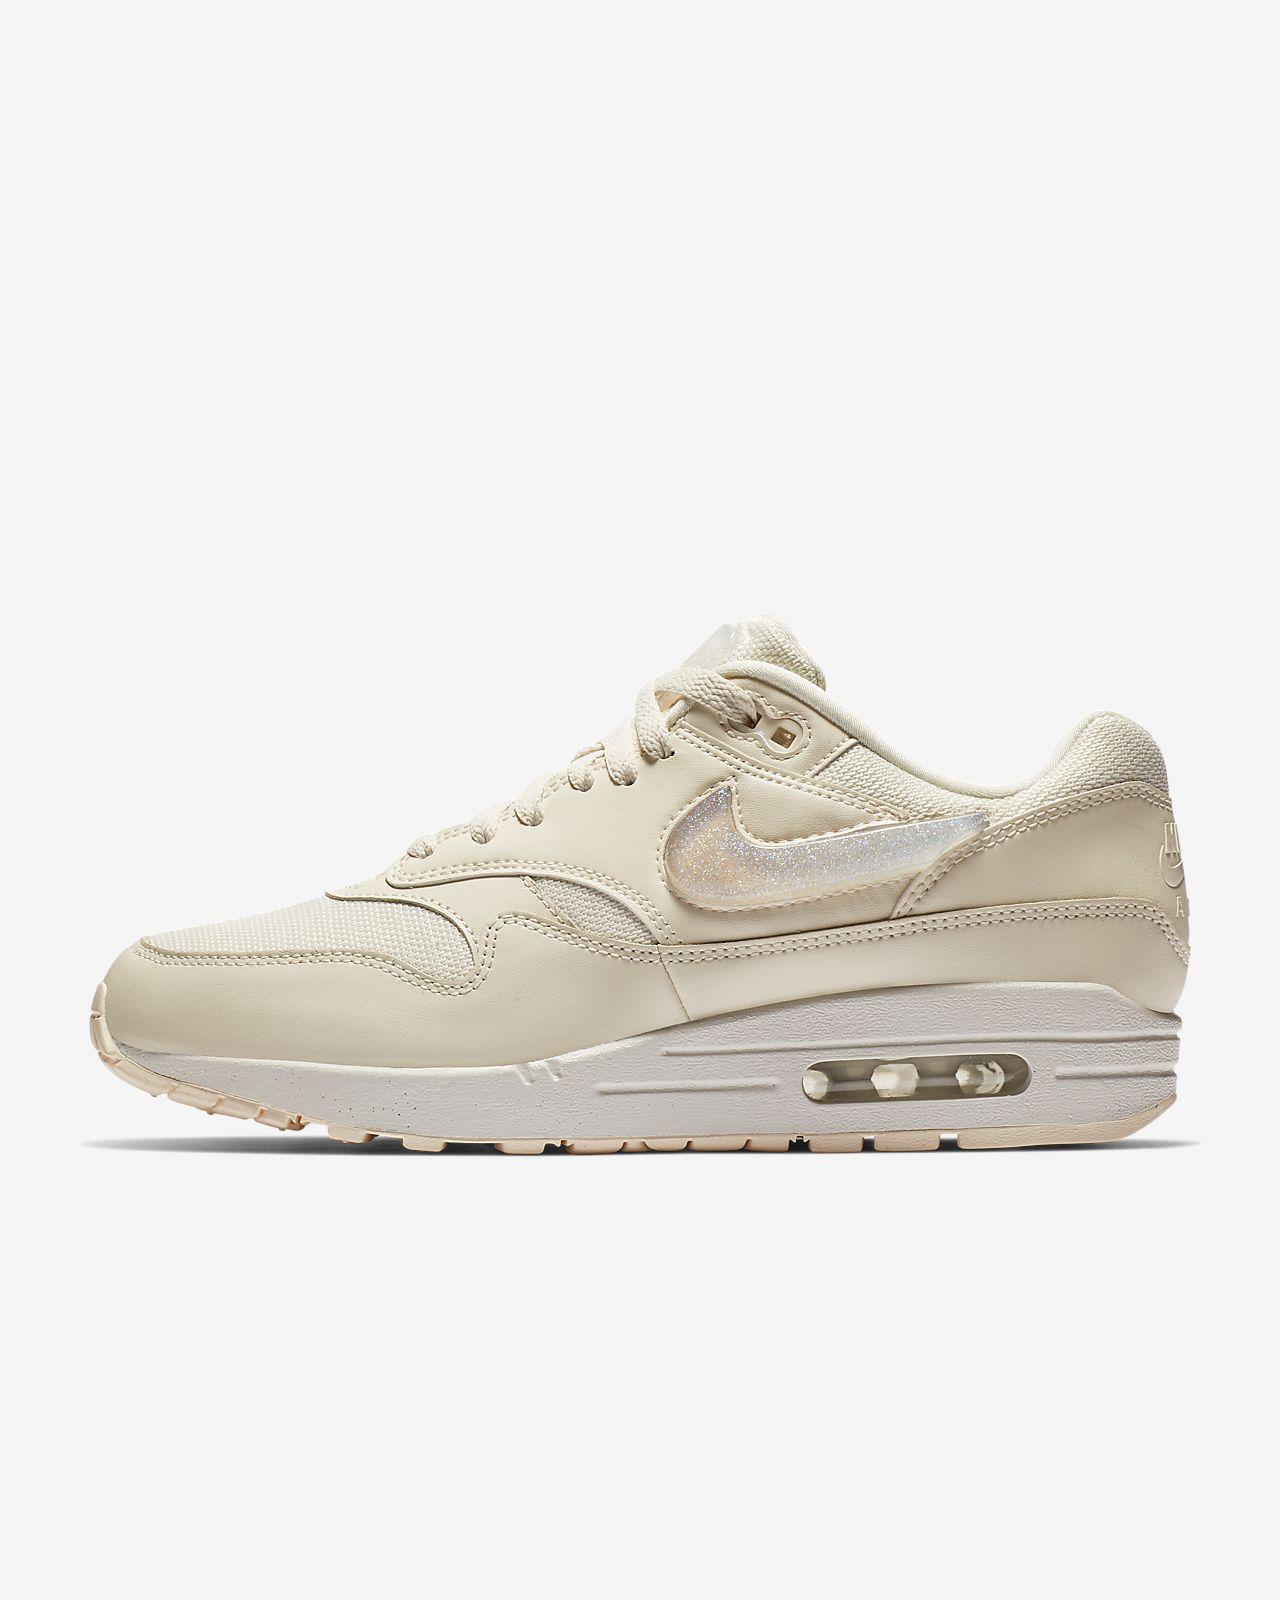 5b1861bf0b2f Nike Air Max 1 Premium Women s Shoe. Nike.com AU